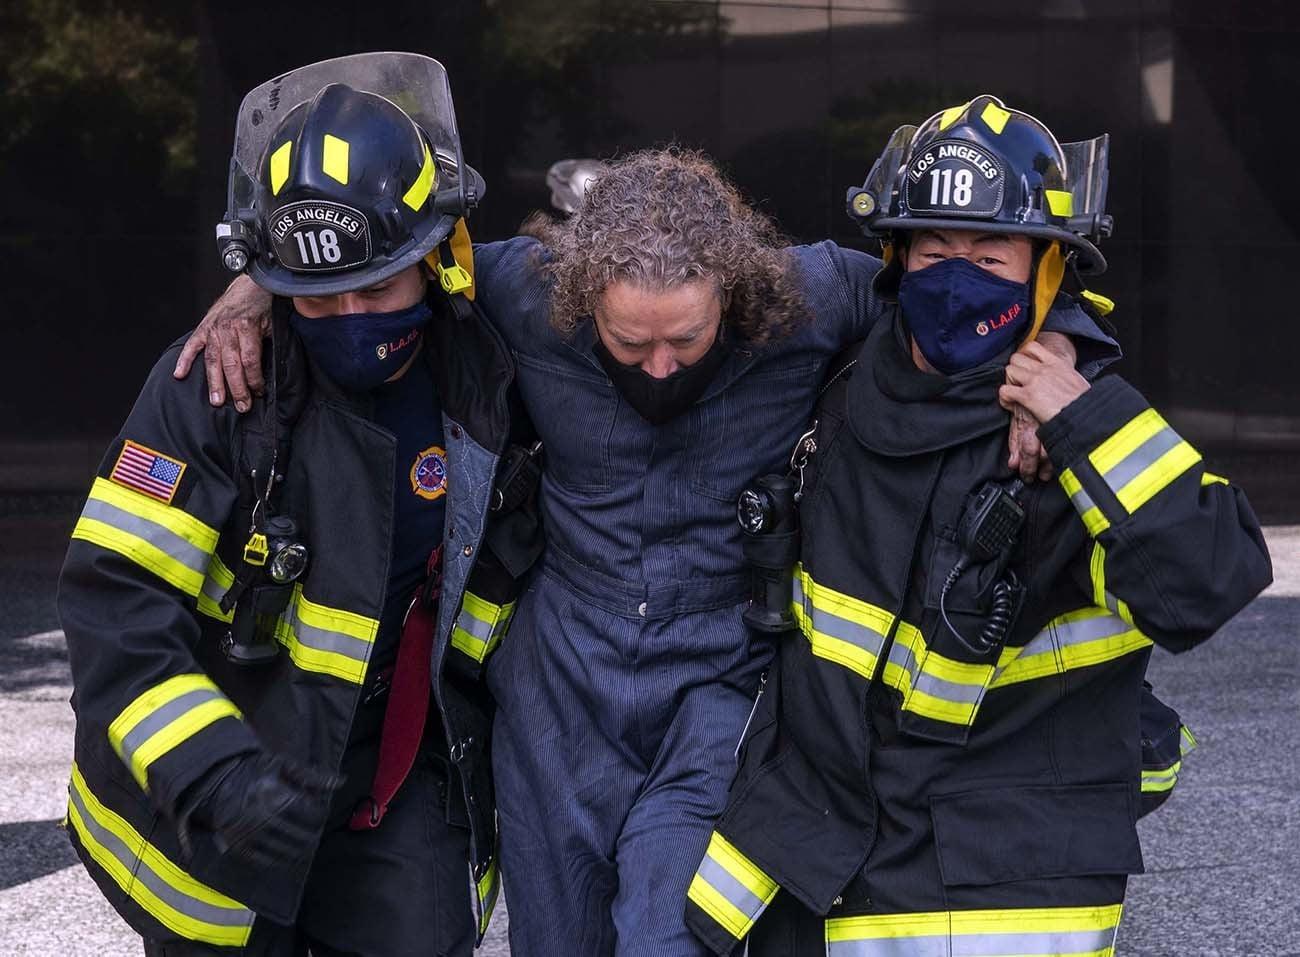 «9-1-1» Y «9-1-1: Lone Star» llegan a Star Channel con nuevas y emocionantes historias de rescates